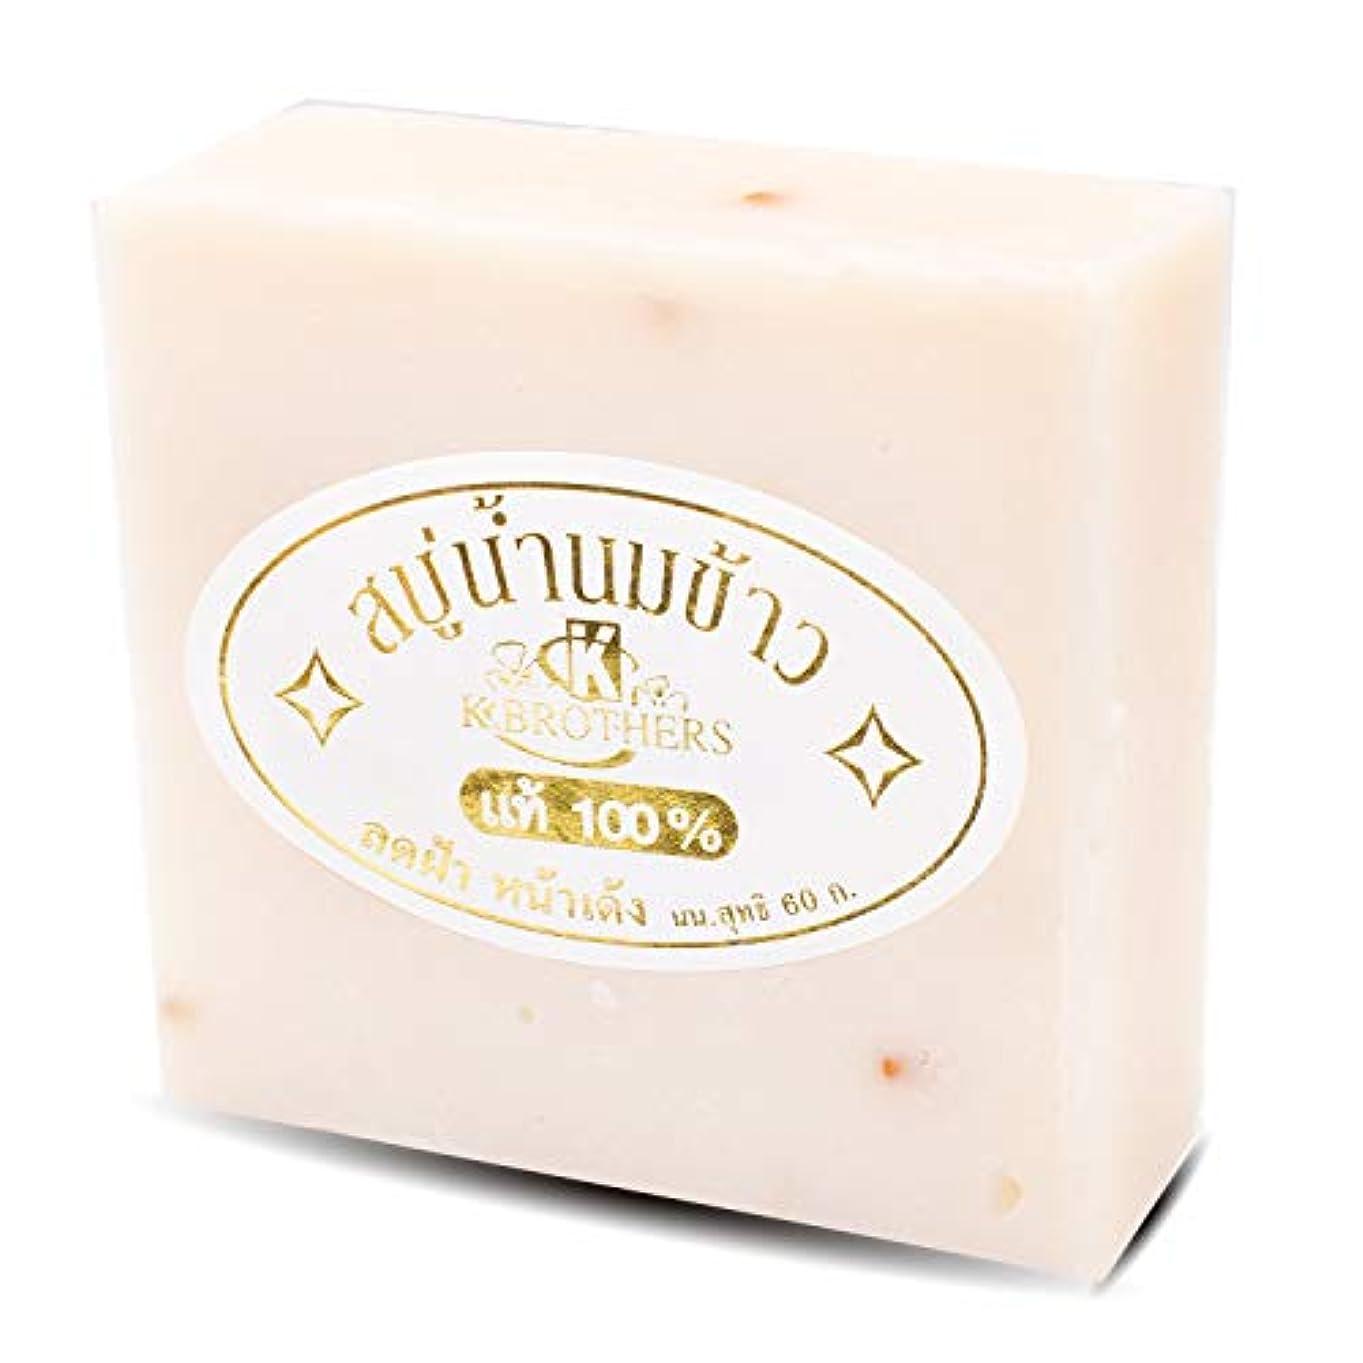 曇った利得優越Rice Milk Soap From Jasmine Rice Milk with Glutathione and Collagen 100% Best Quality(pack 6)